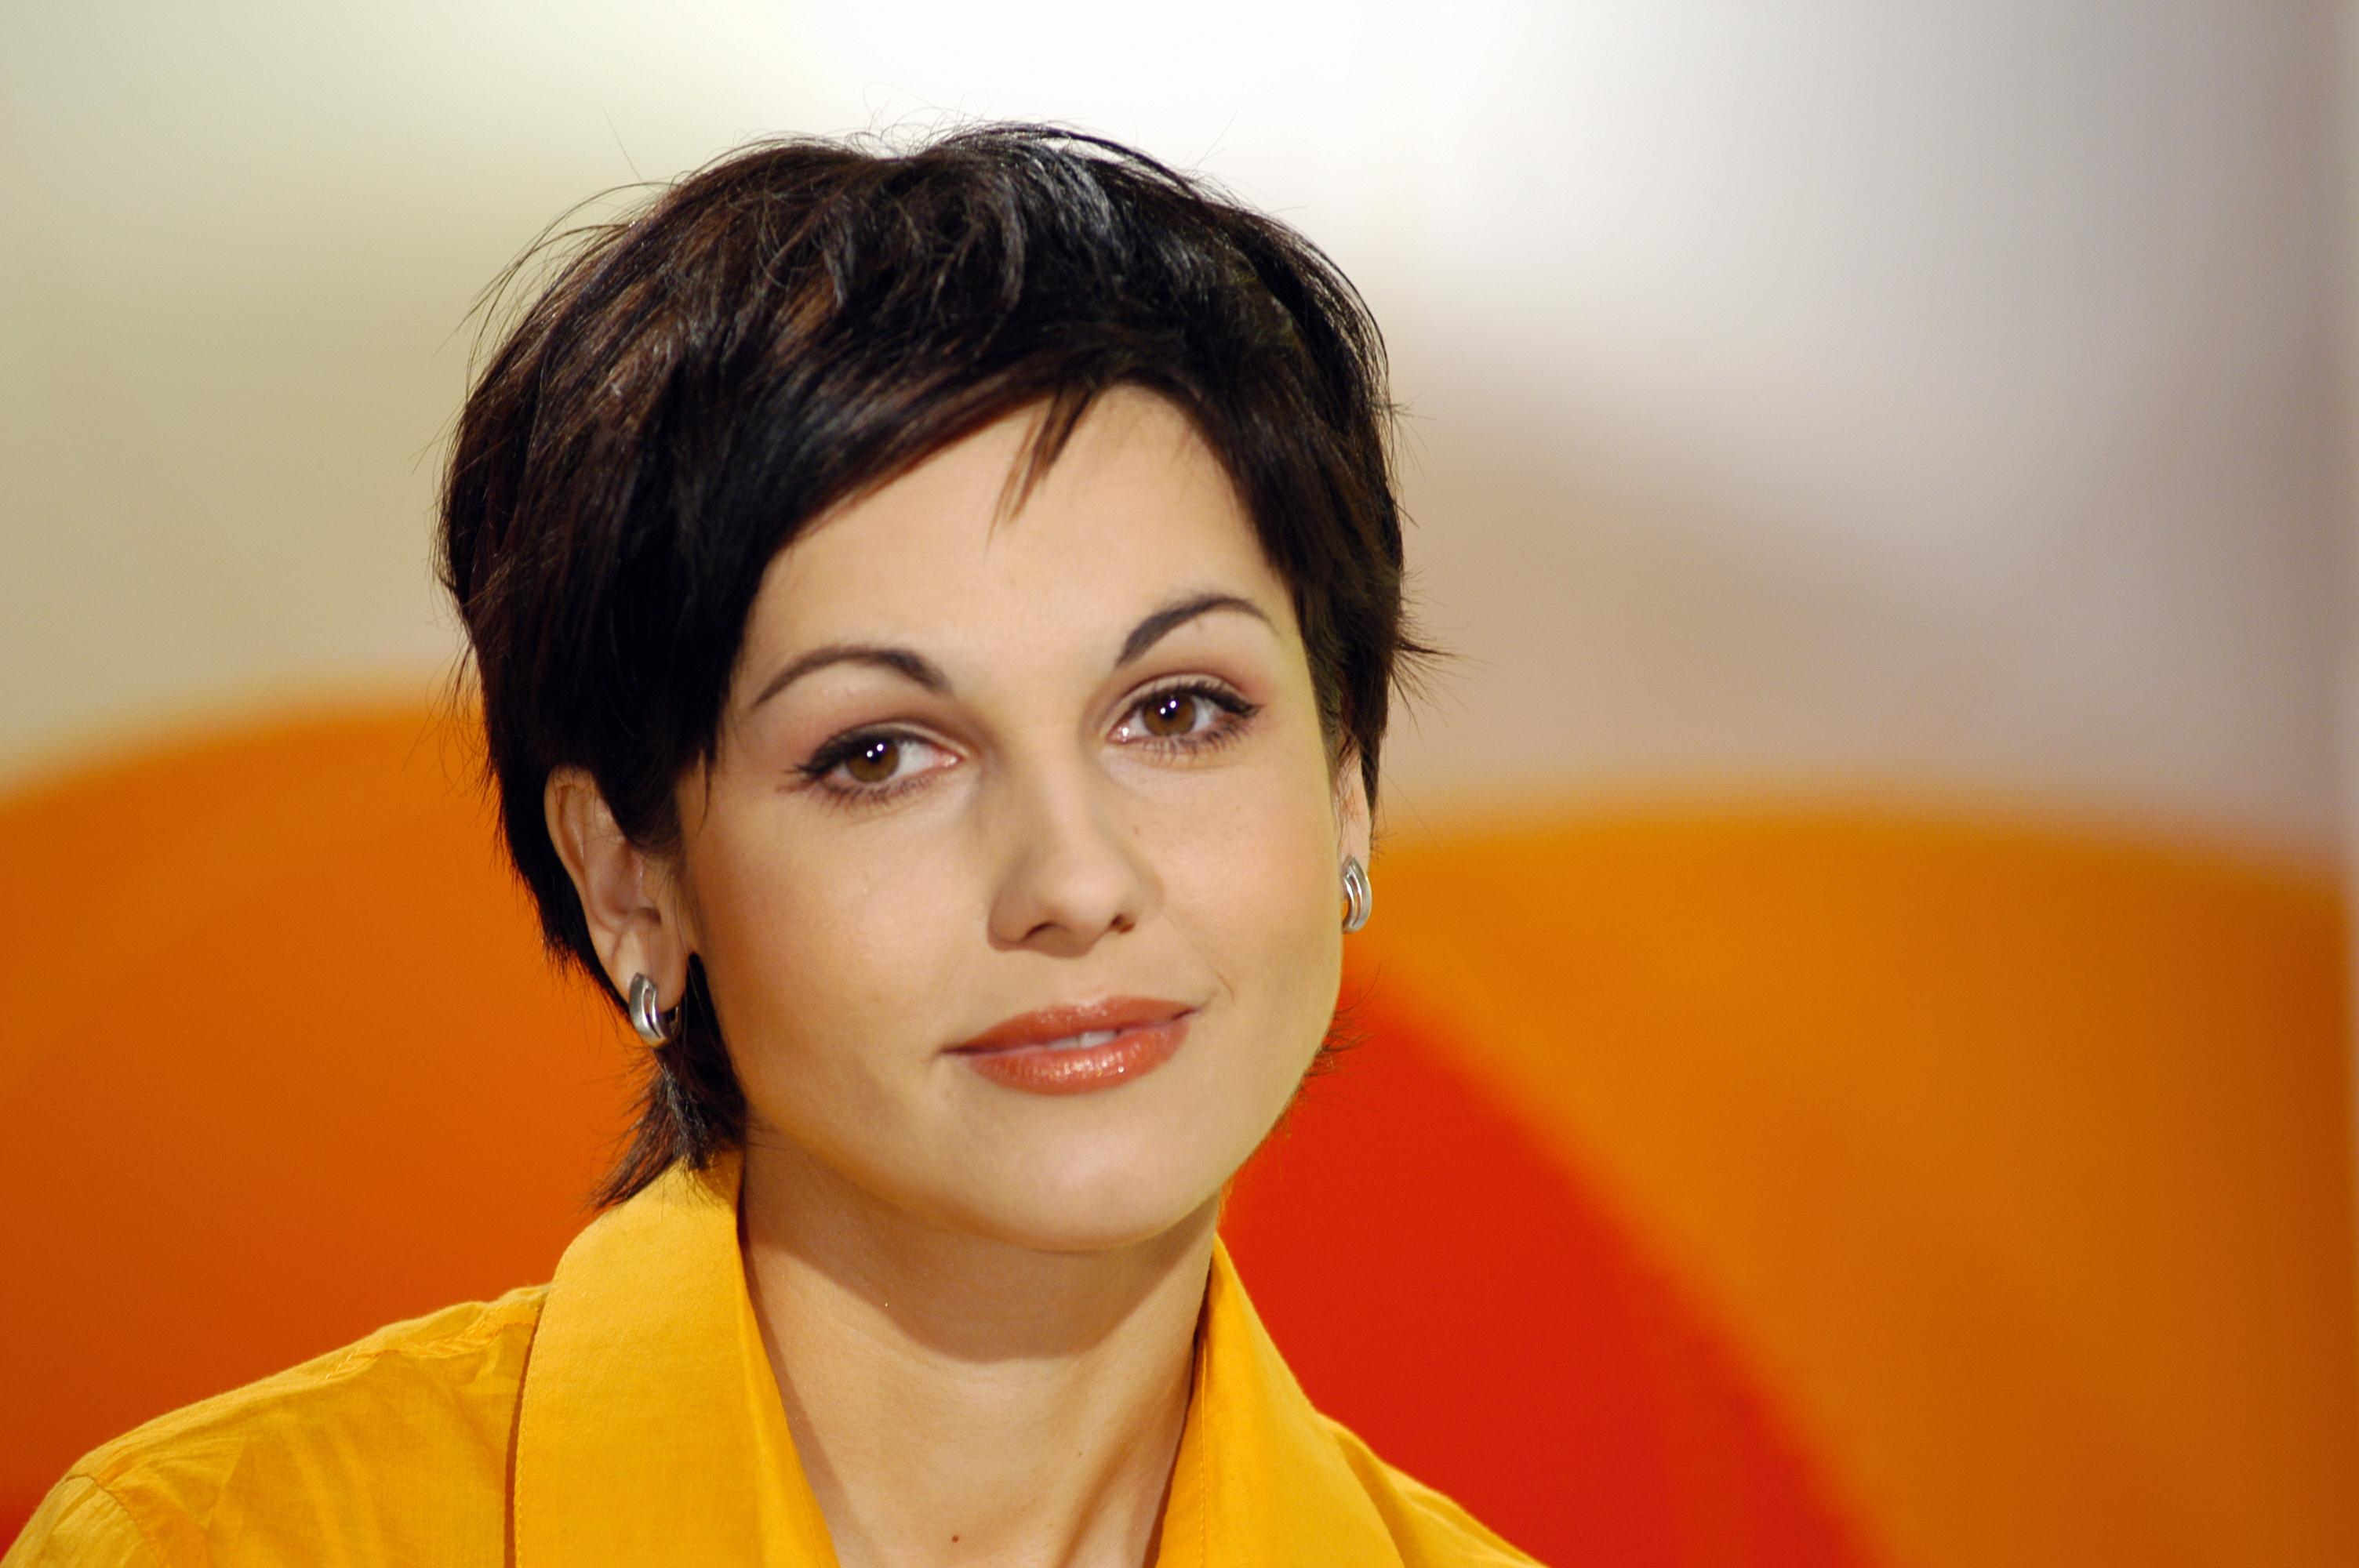 56090_Edyta_Lewandowska_0361_453lo.JPG